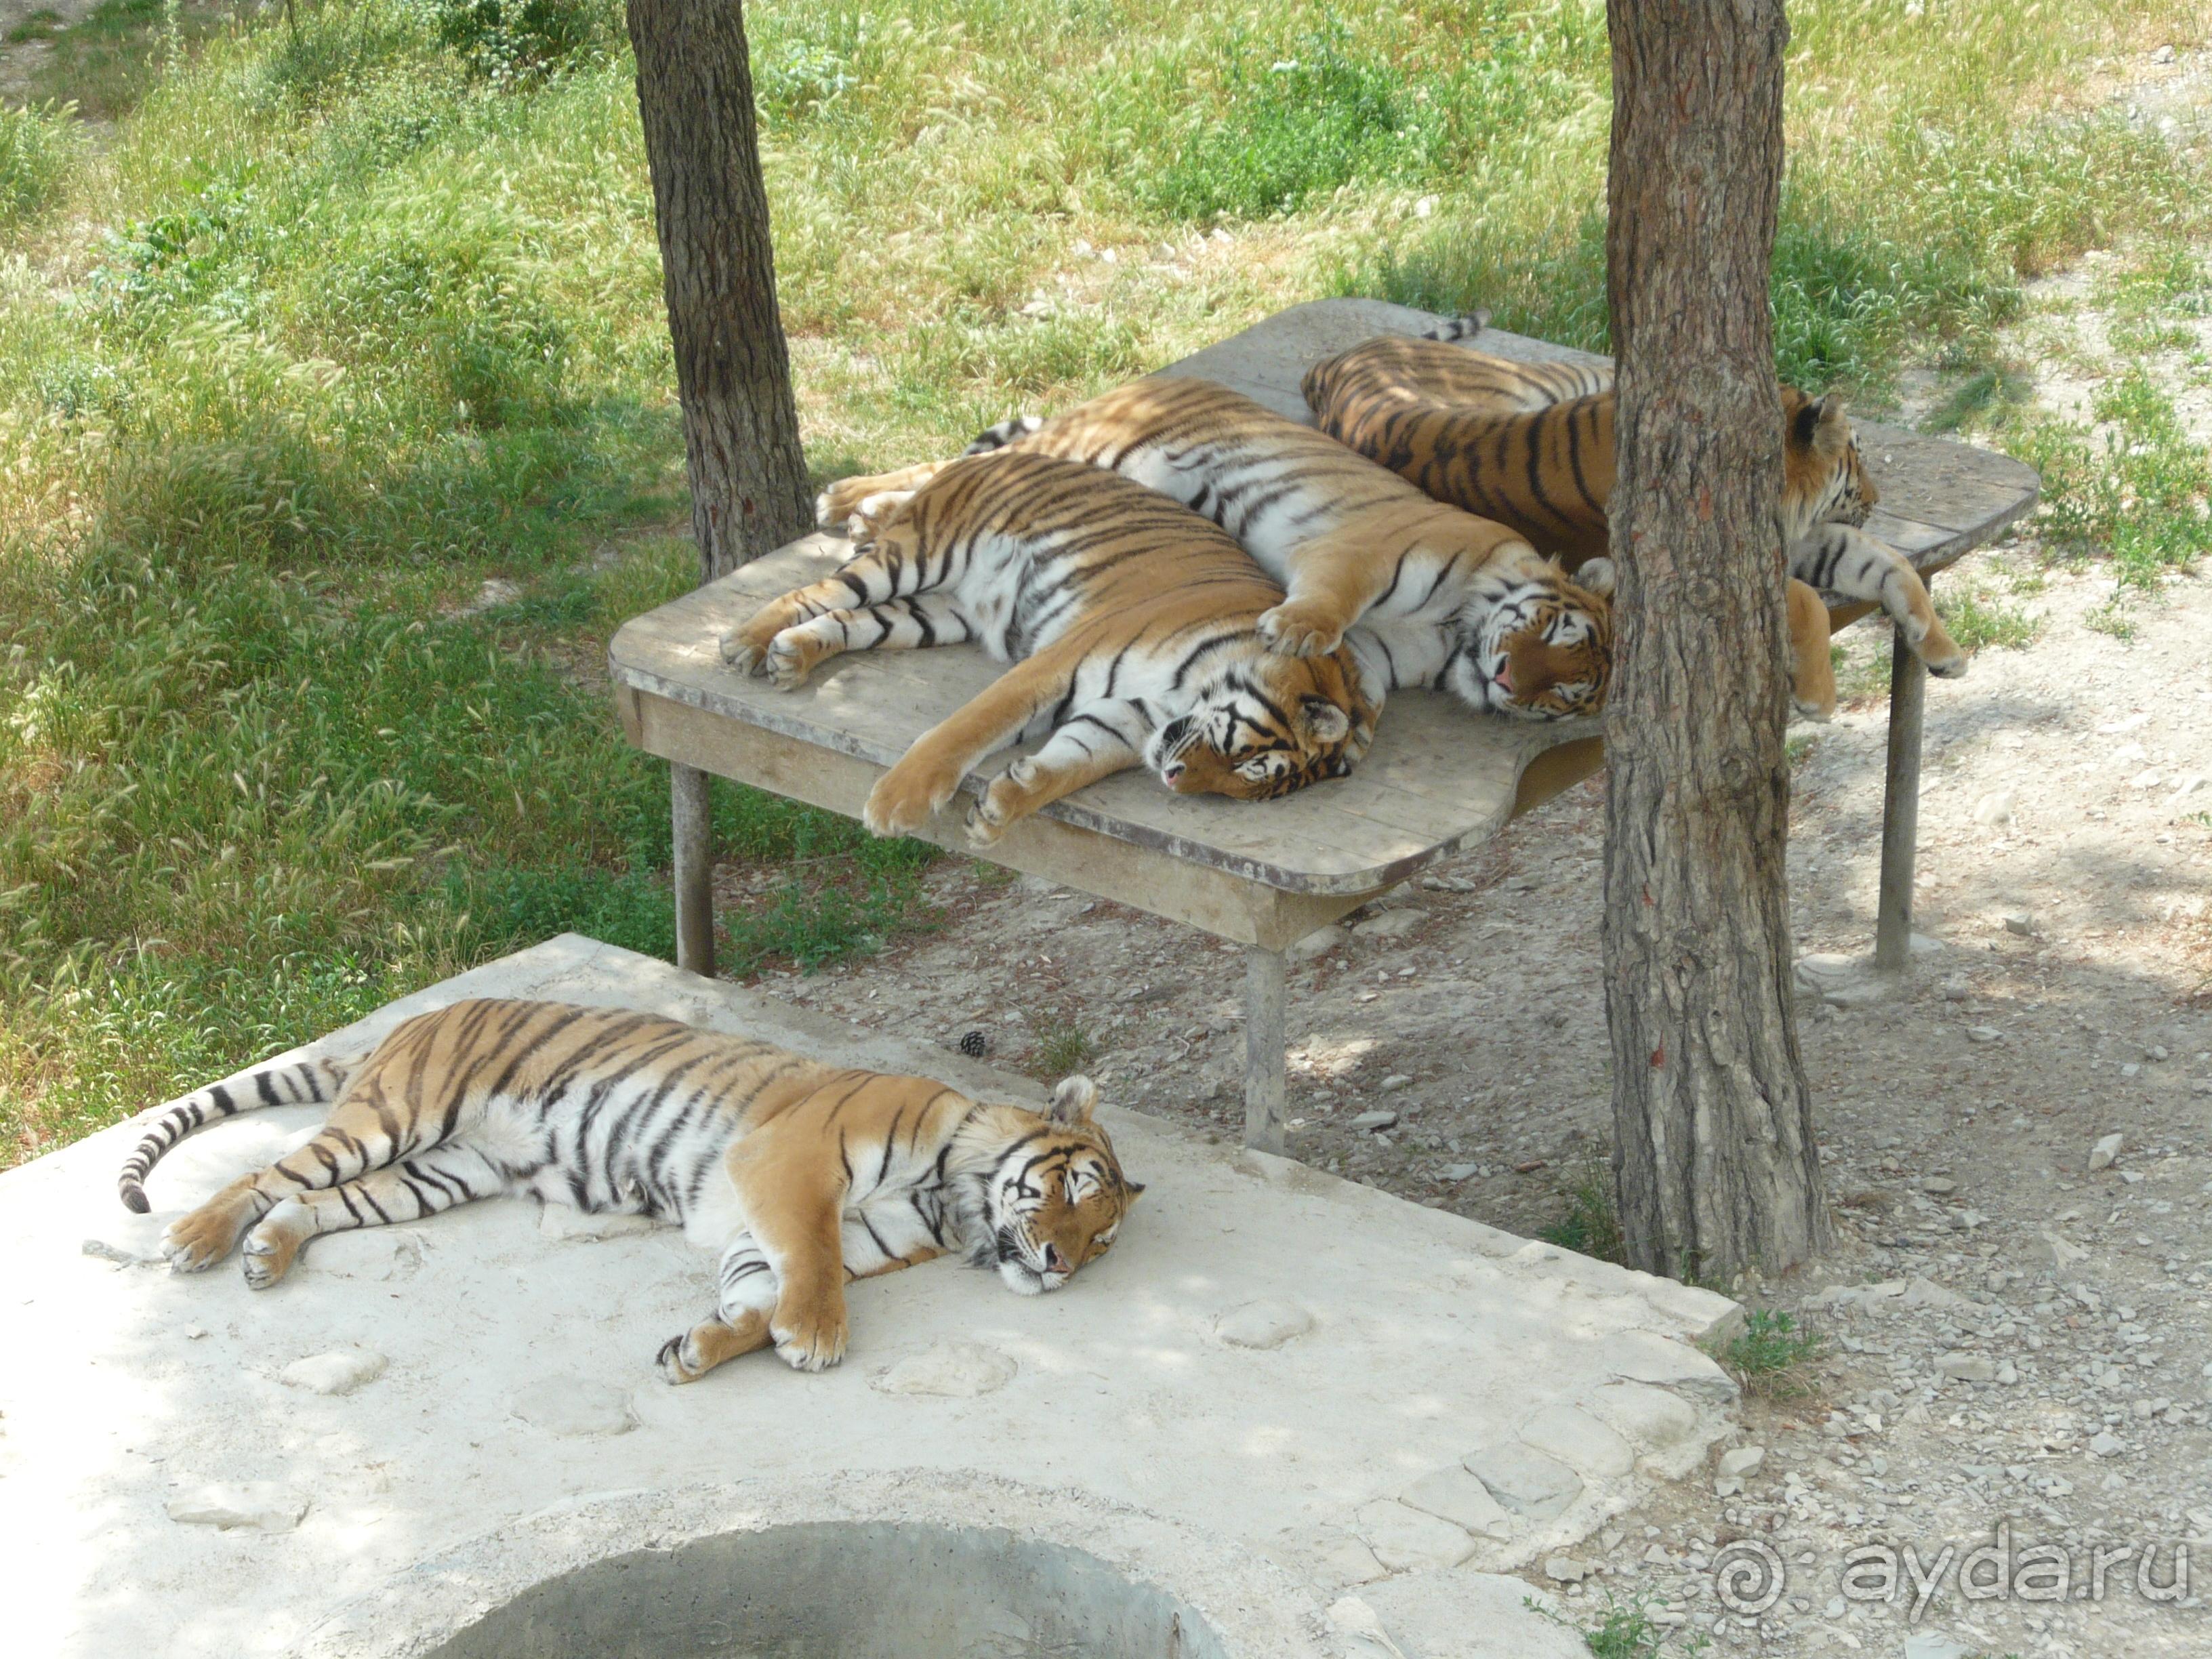 Сафари-парк - реабилитационный центр для животных в